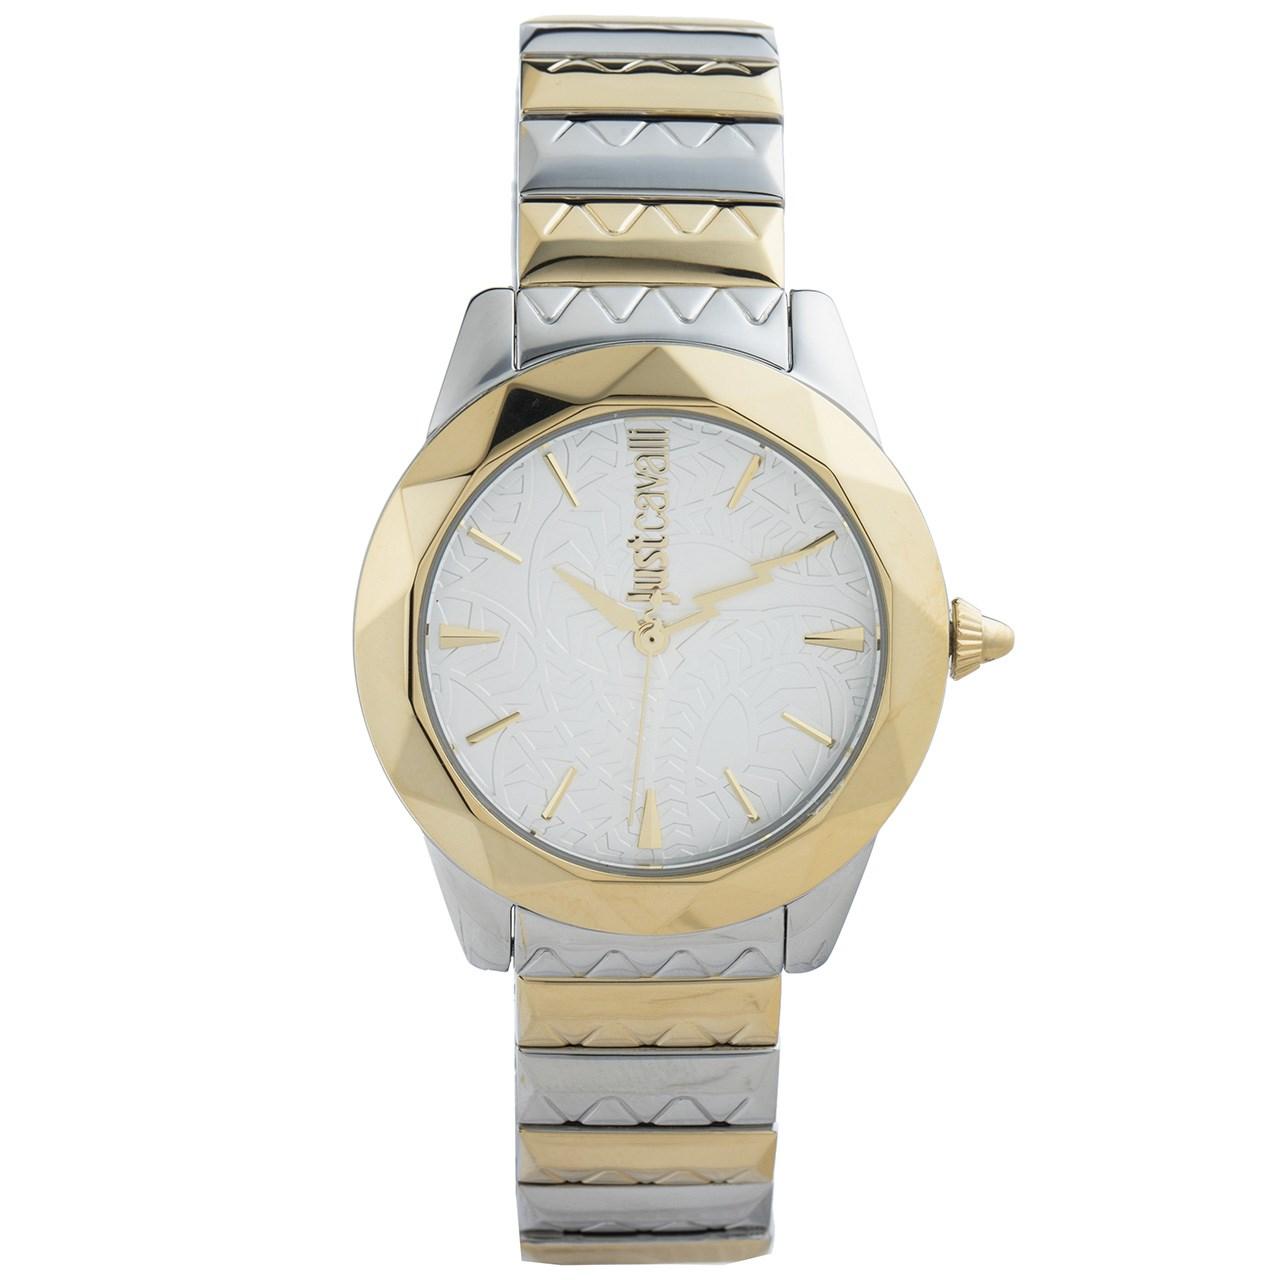 ساعت مچی عقربه ای زنانه جاست کاوالی مدل JC1L003M0105 53